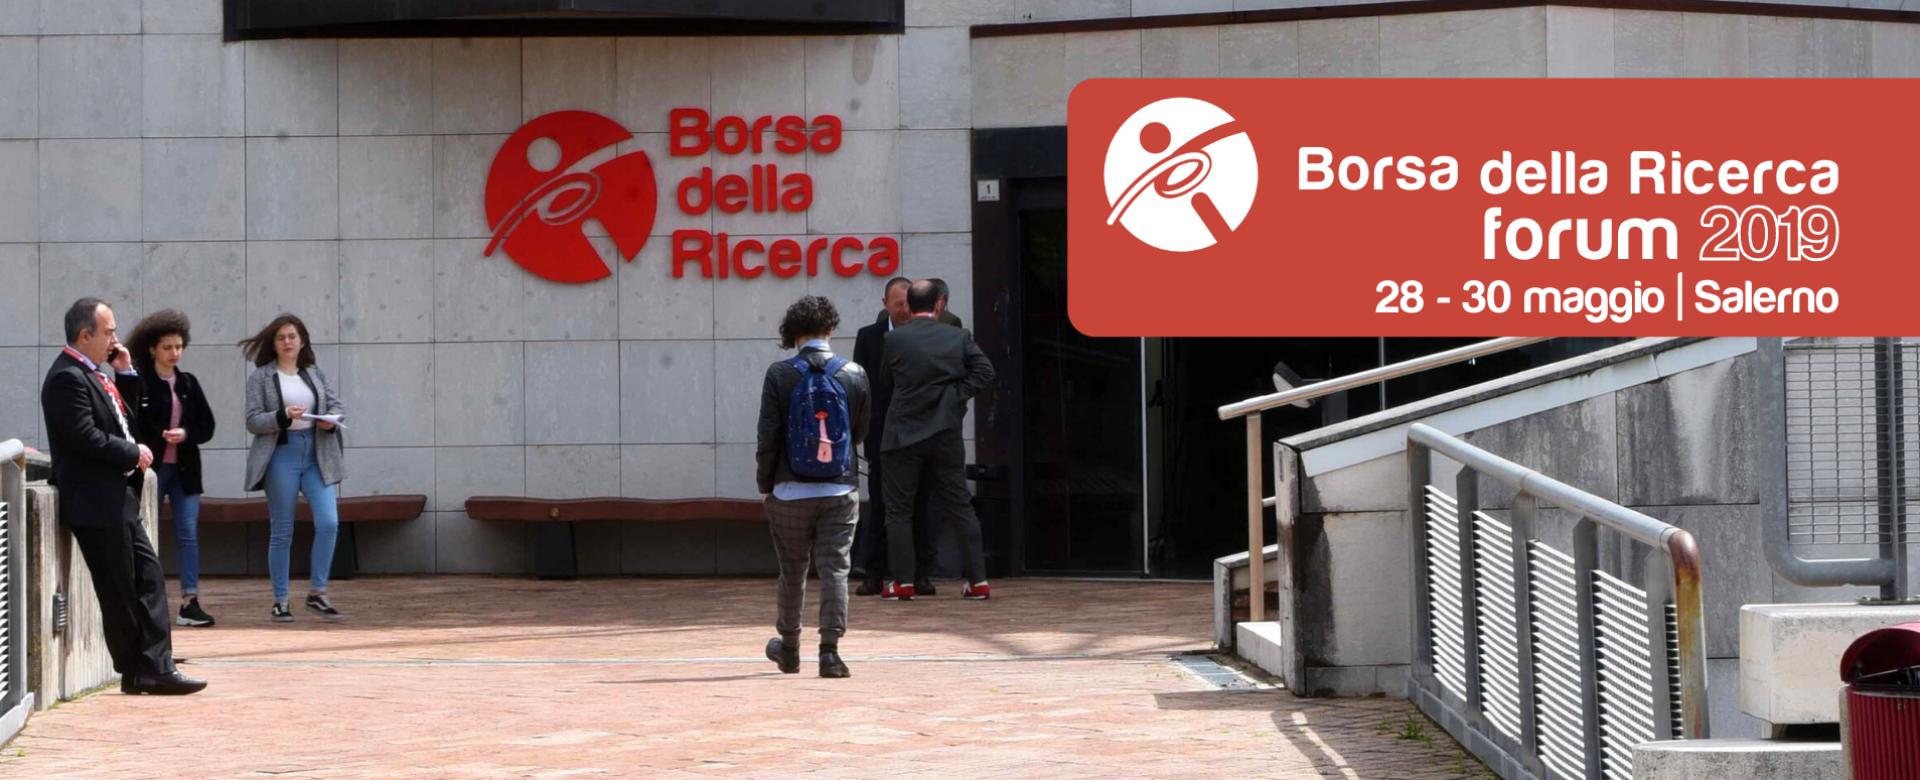 03.06.2019 - Borsa della Ricerca 2019